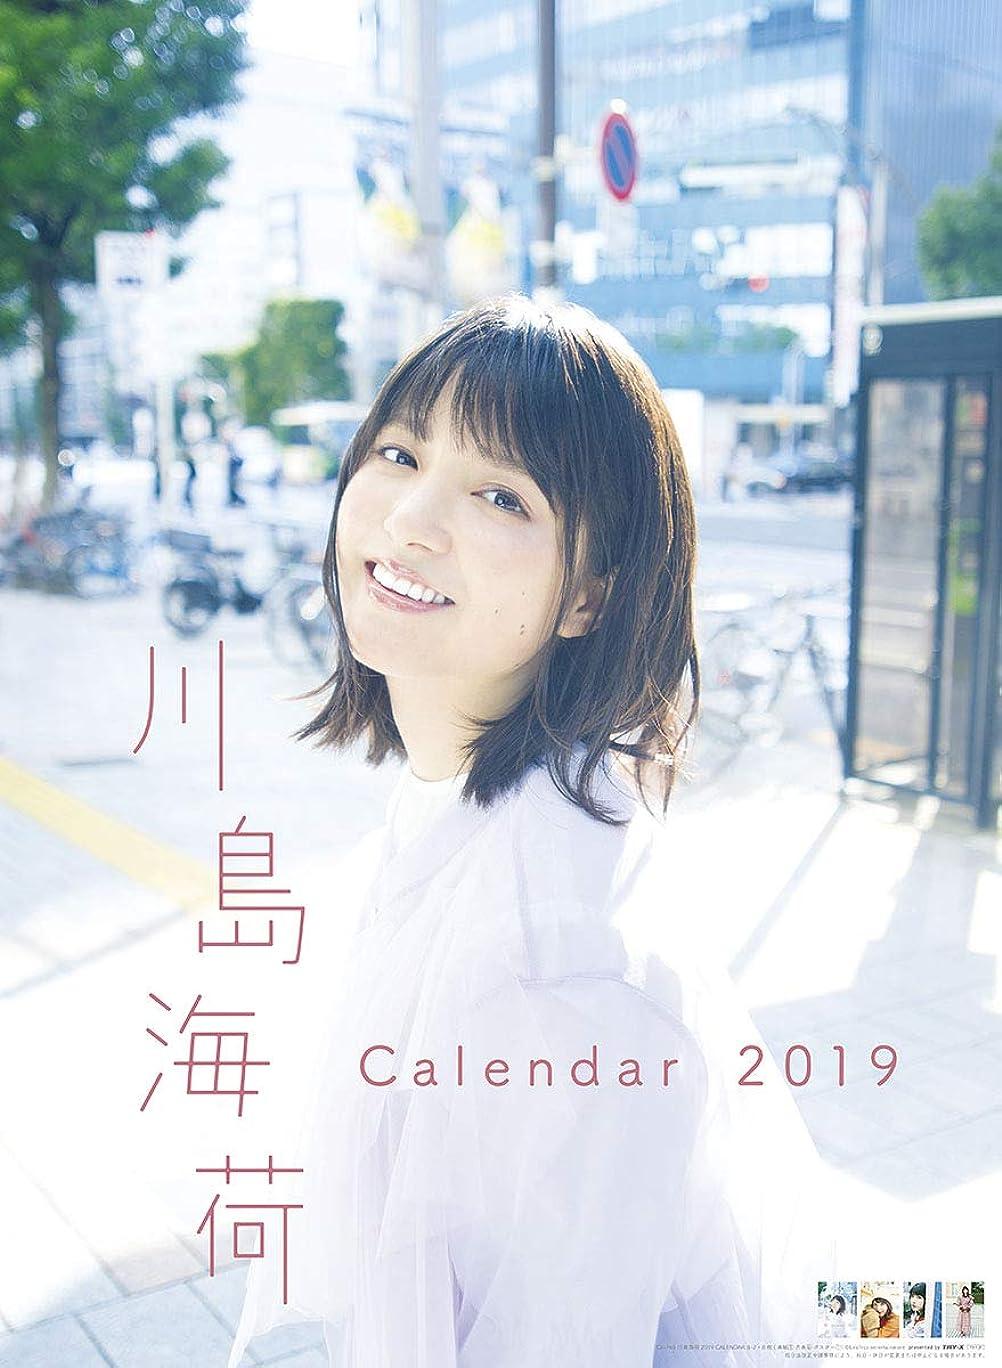 明らかに有限始まりトライエックス 川島海荷 2019年 カレンダー CL-765 壁掛け B2